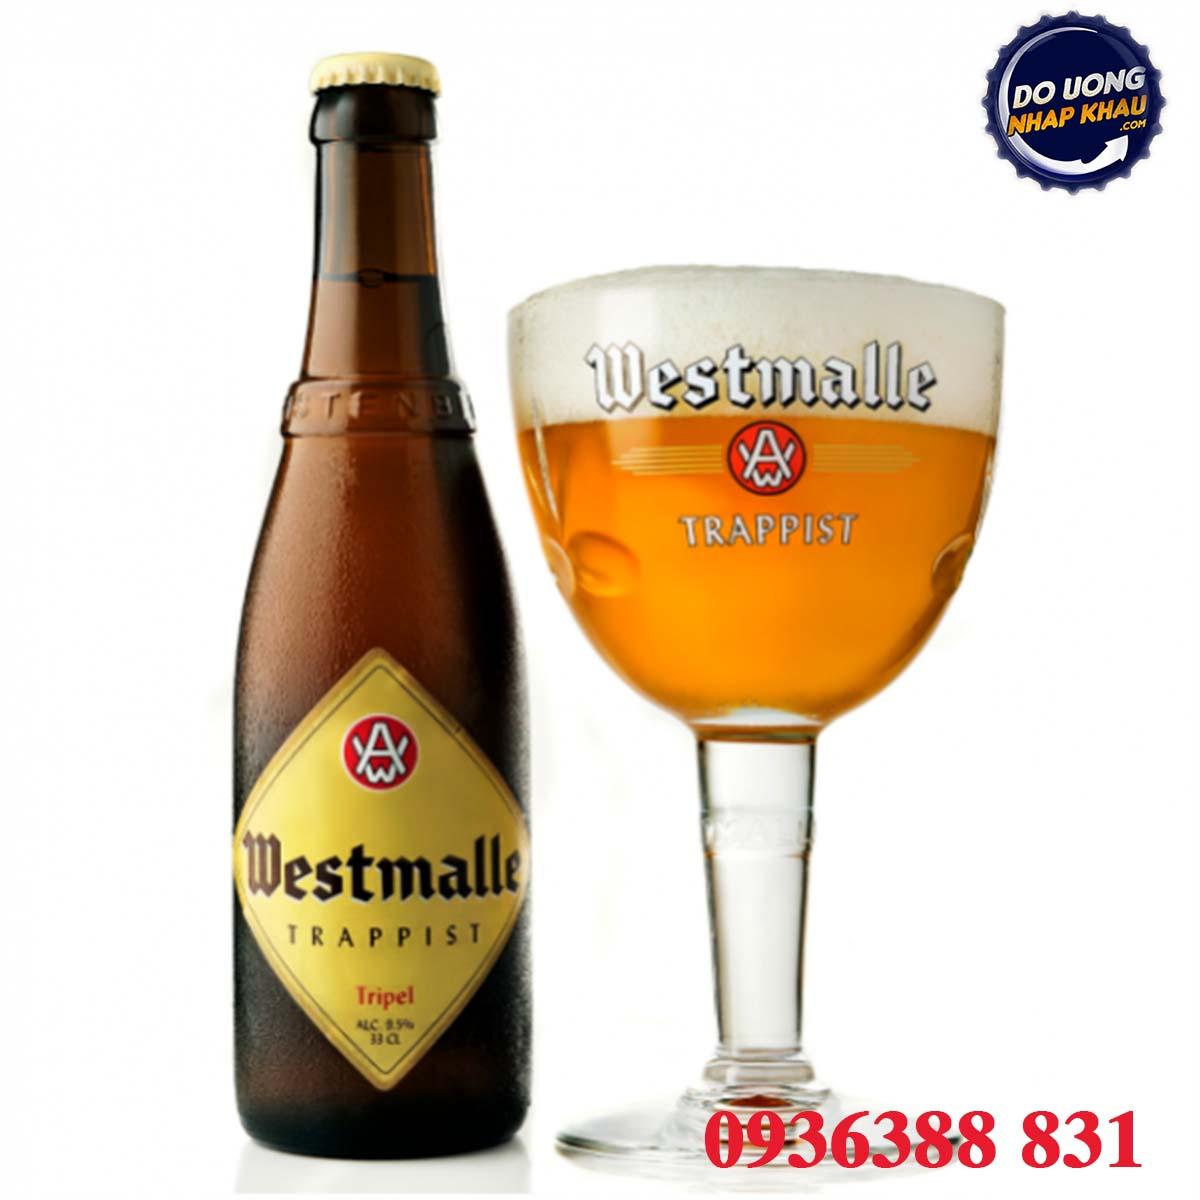 Bia Westmalle Trappist Tripel 9,5% Bỉ